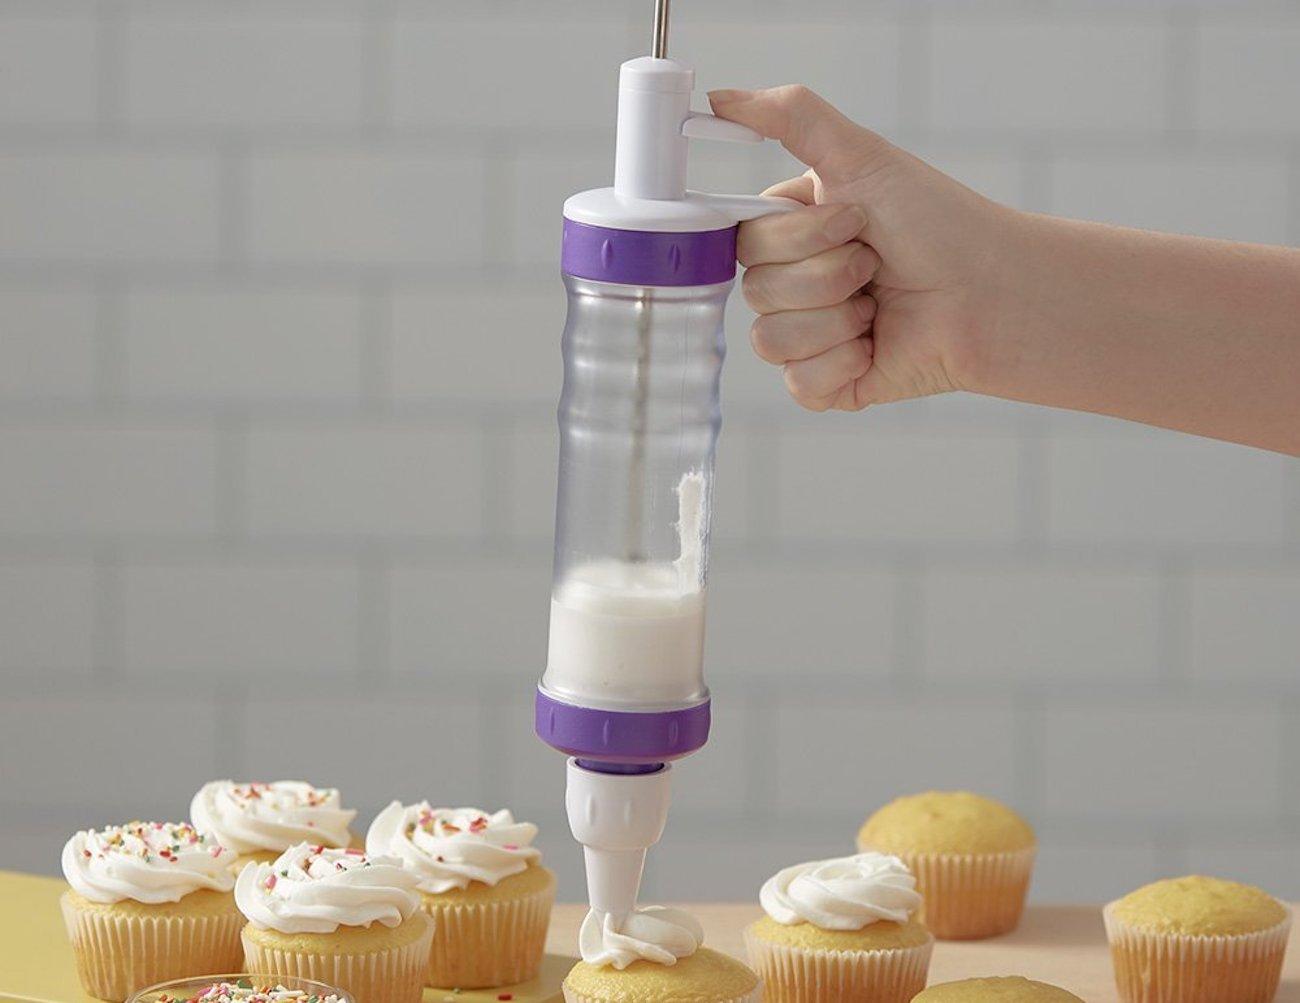 Wilton Dessert Decorator Plus Icing Dispenser